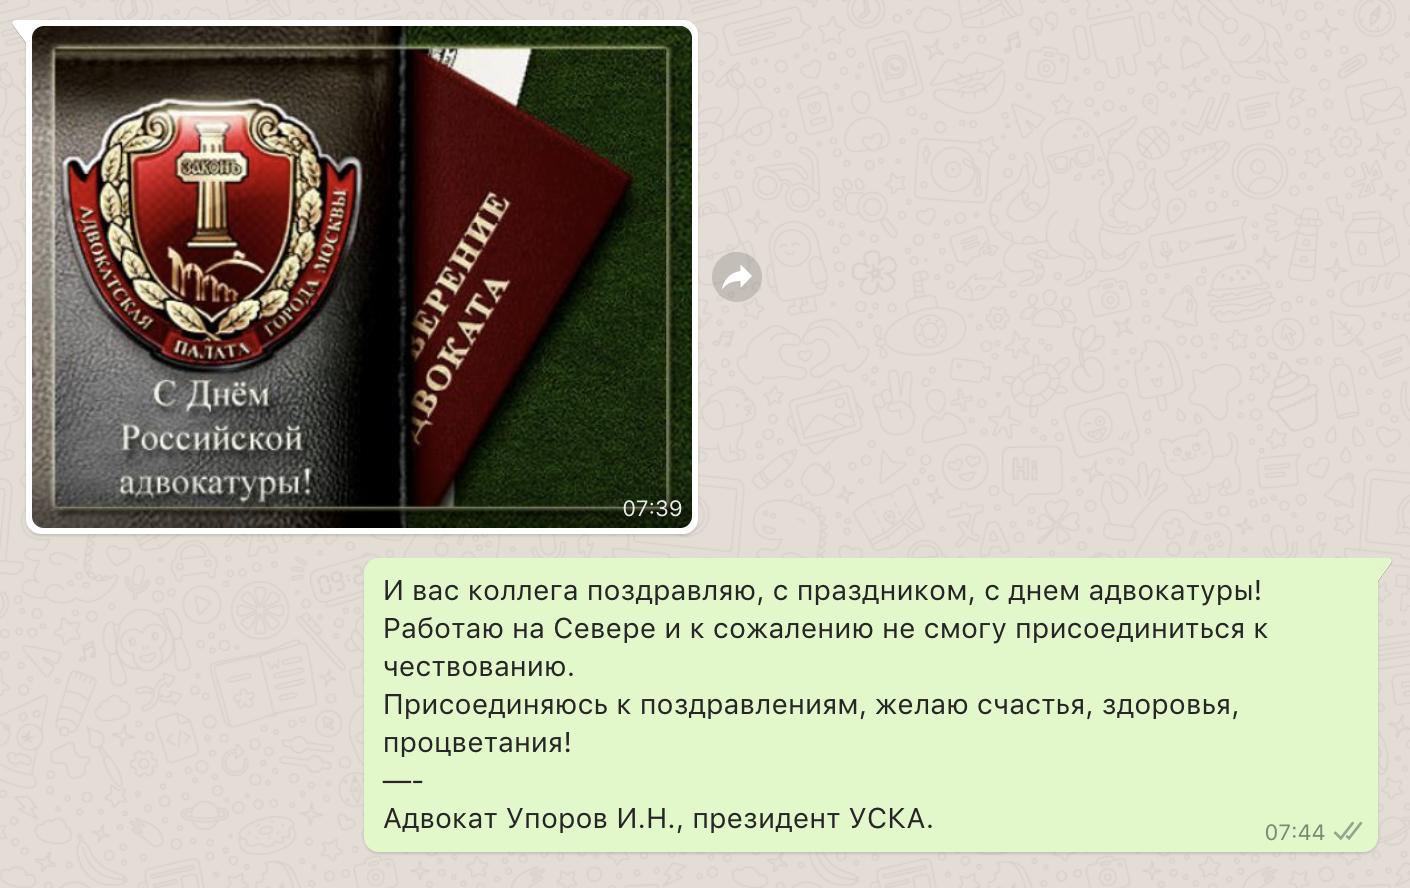 Празднуем - День российской адвокатуры. Всем людям счастья и процветания! ✌️